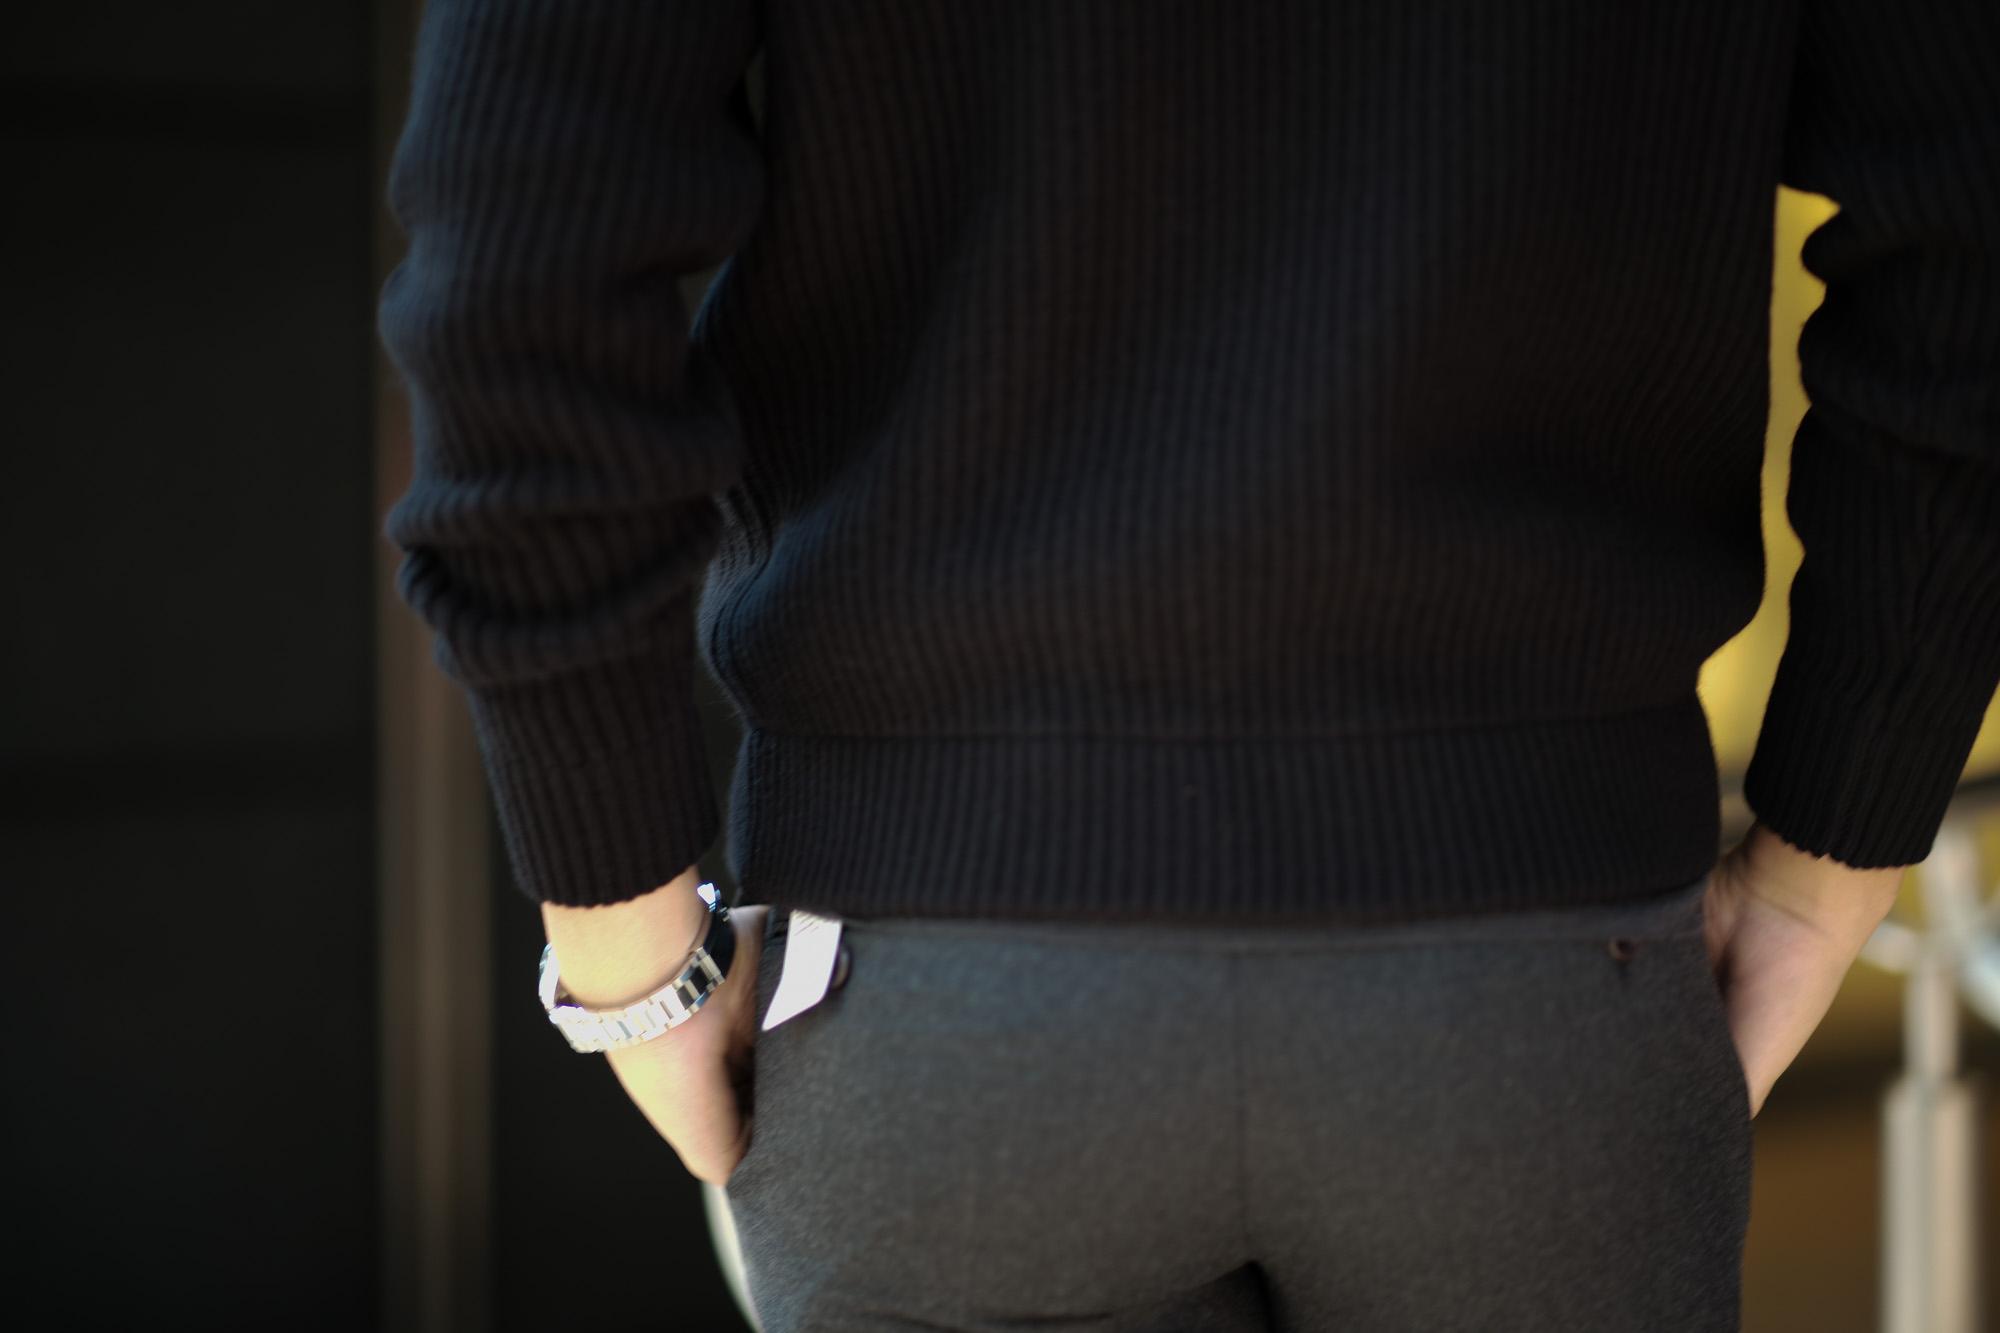 LAMBERTO LOSANI (ランベルト ロザーニ) Cashmere Zip Up Cardigan (カシミア ジップアップ カーディガン) ローゲージ カシミアニット カーディガン BLACK (ブラック・901) made in italy (イタリア製) 2019 秋冬新作 lambertolosani ランベルトロザーニ 愛知 名古屋 altoediritto アルトエデリット